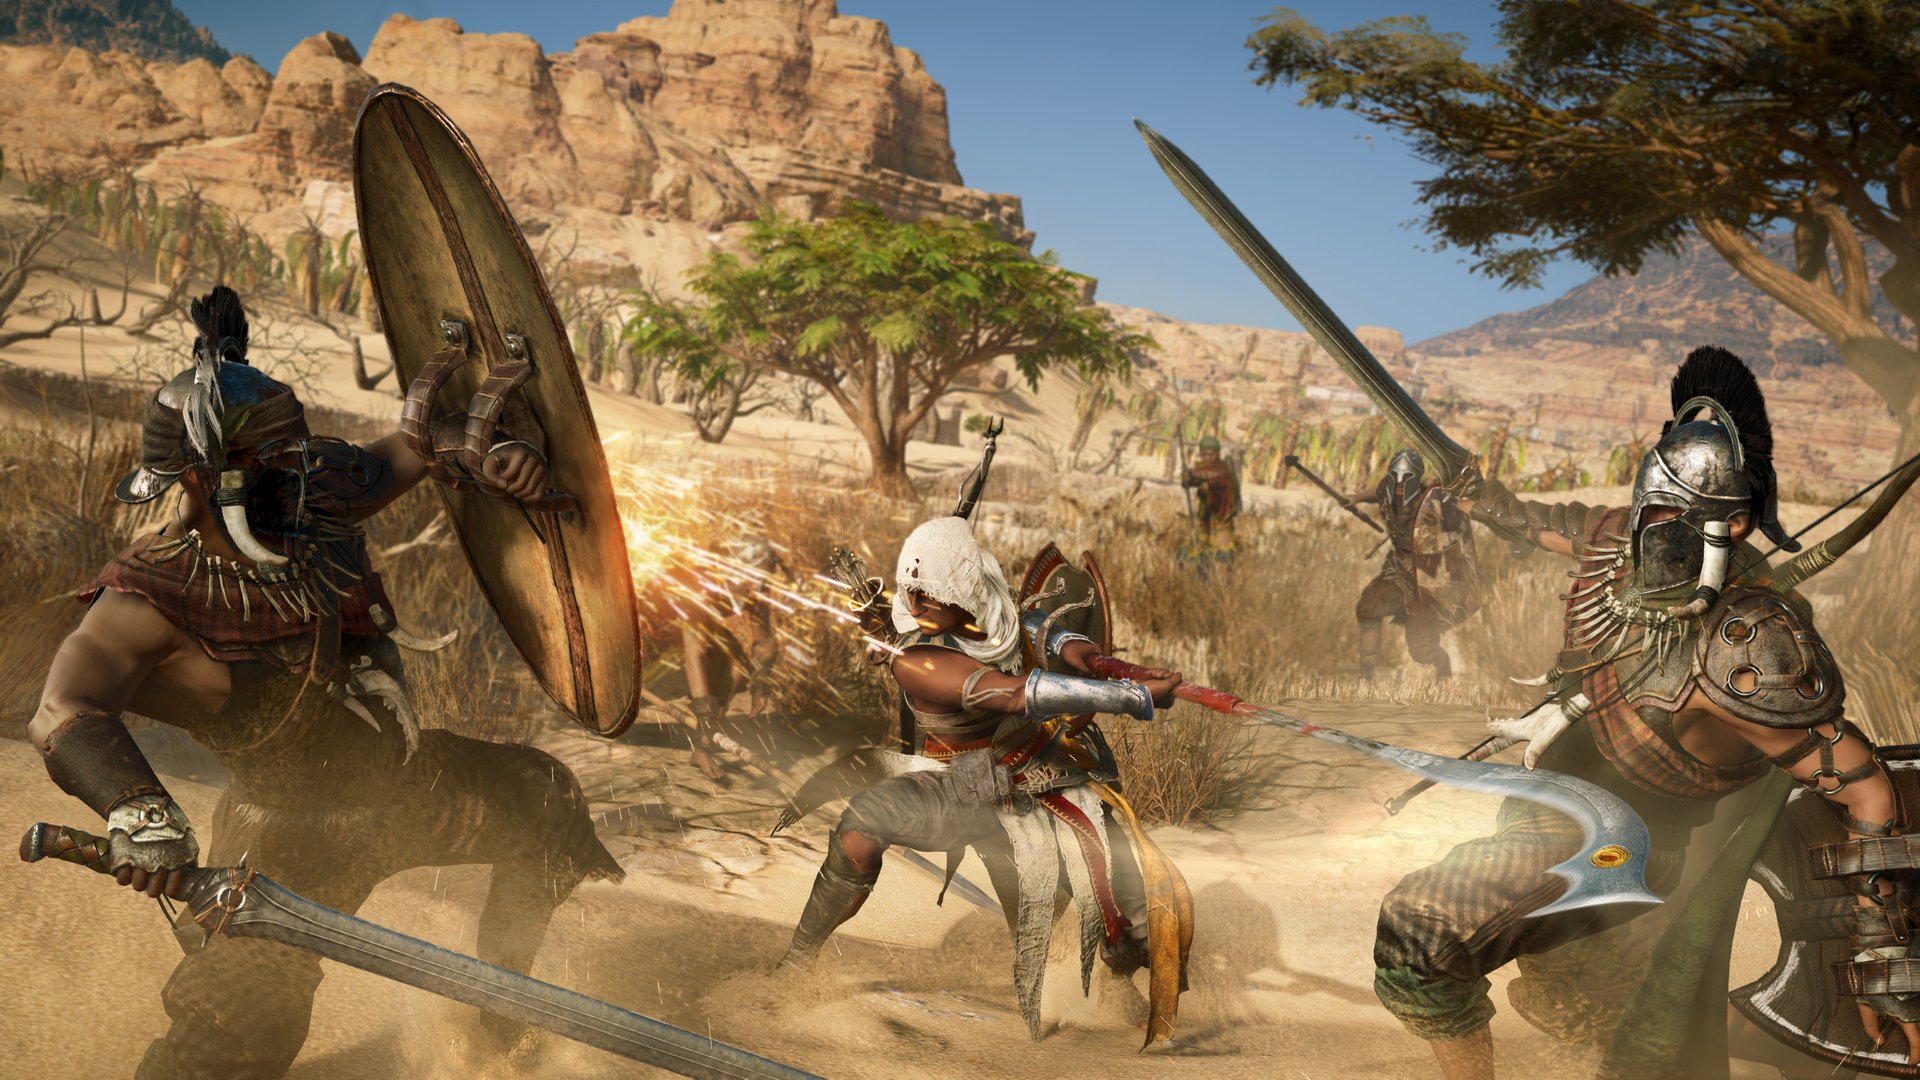 Open World Game Assassins Creed Origins Wallpaper Hd